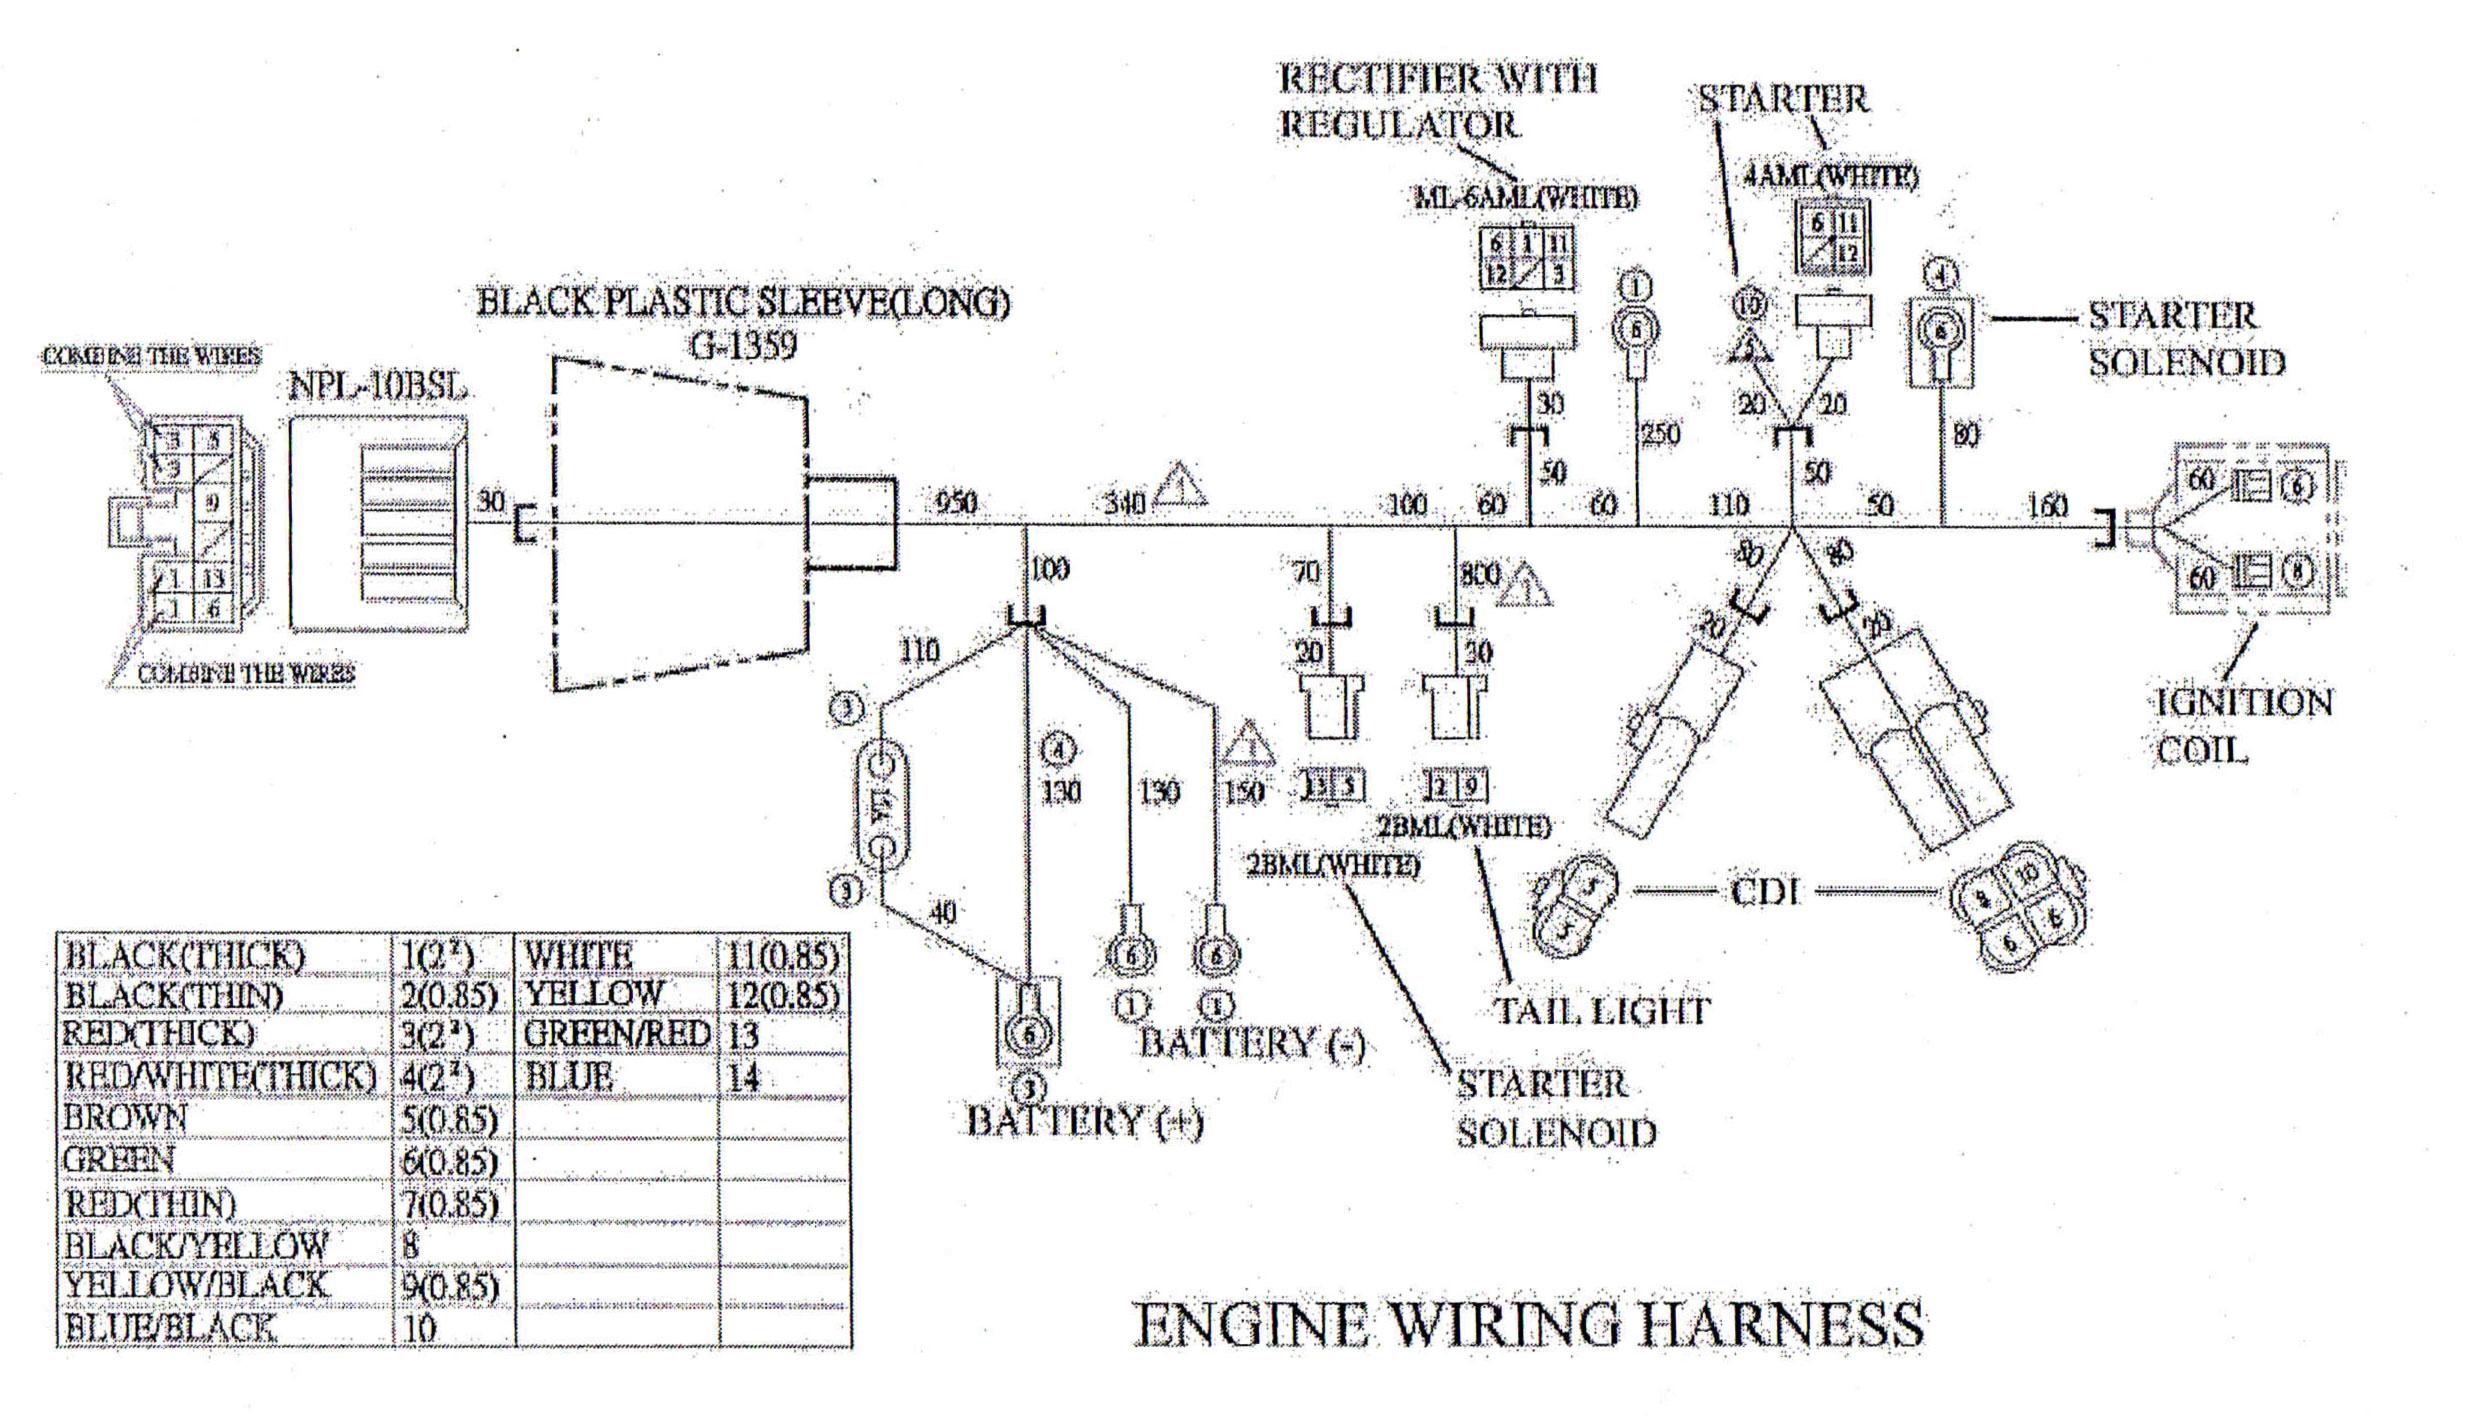 Honda Gx Starter Wiring | Wiring Library34.contrixx-artikel.de